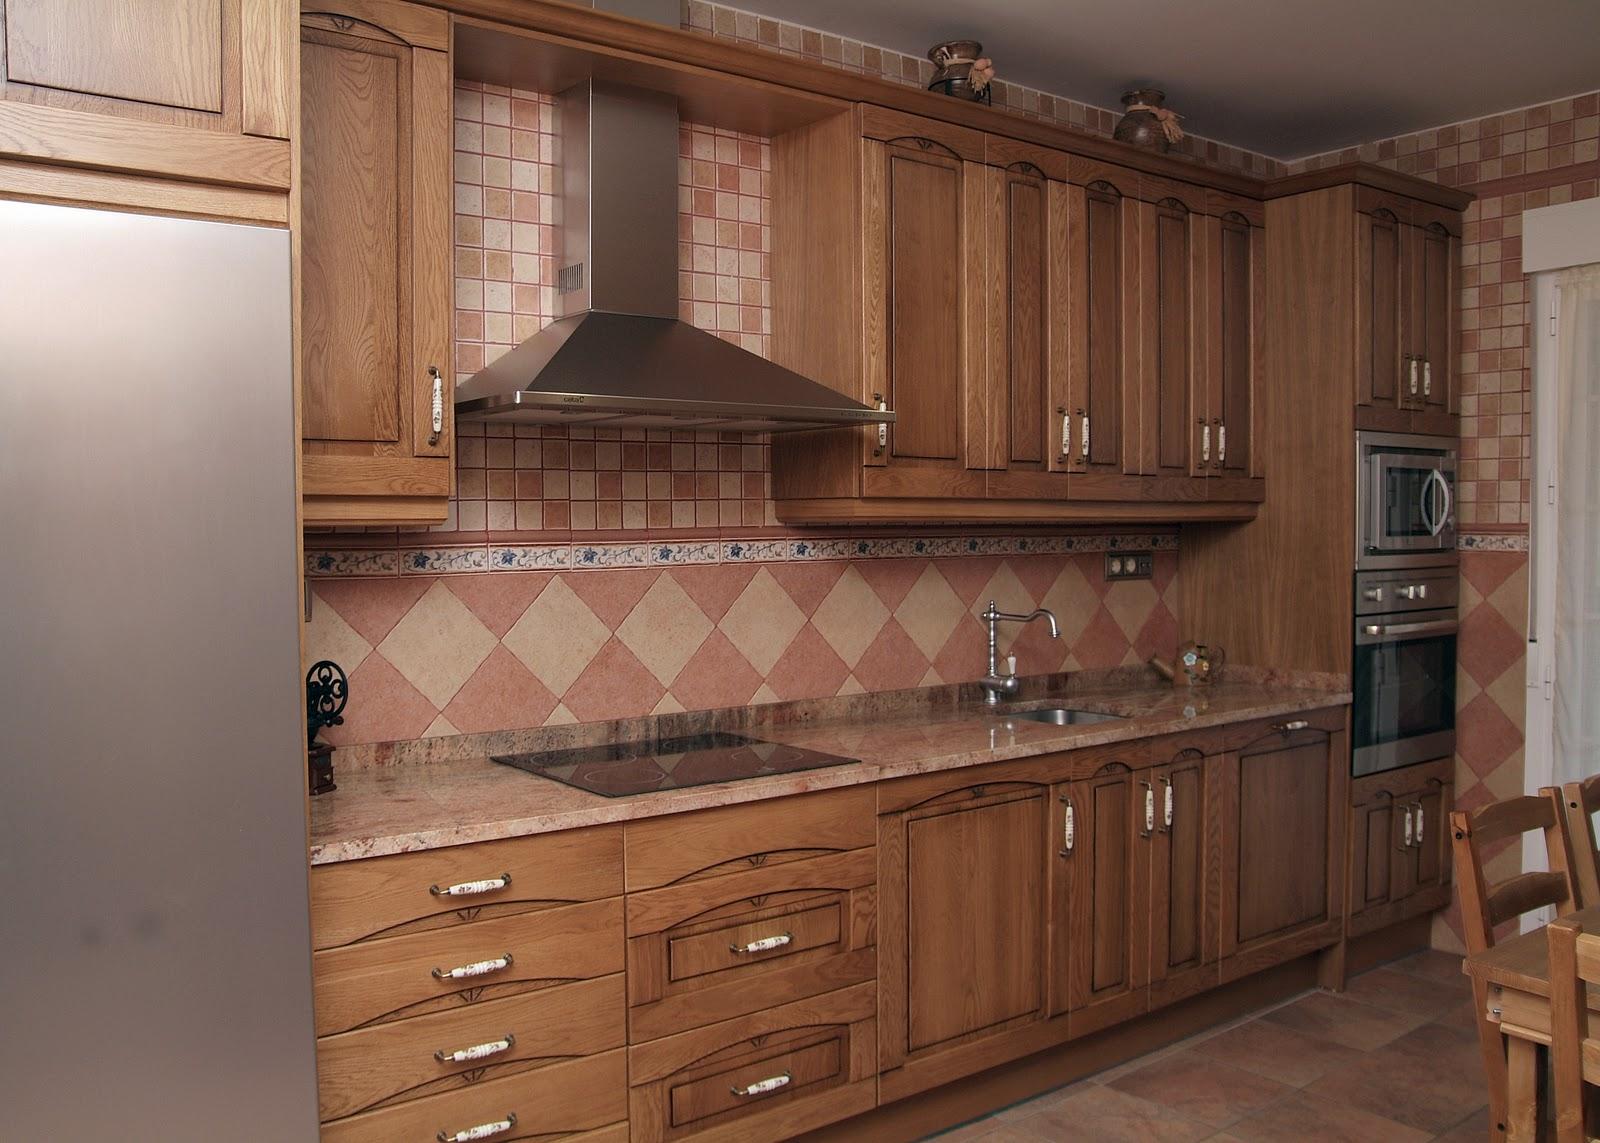 Cocisan cocina madera en roble tinte natural for Cocinas de madera de roble